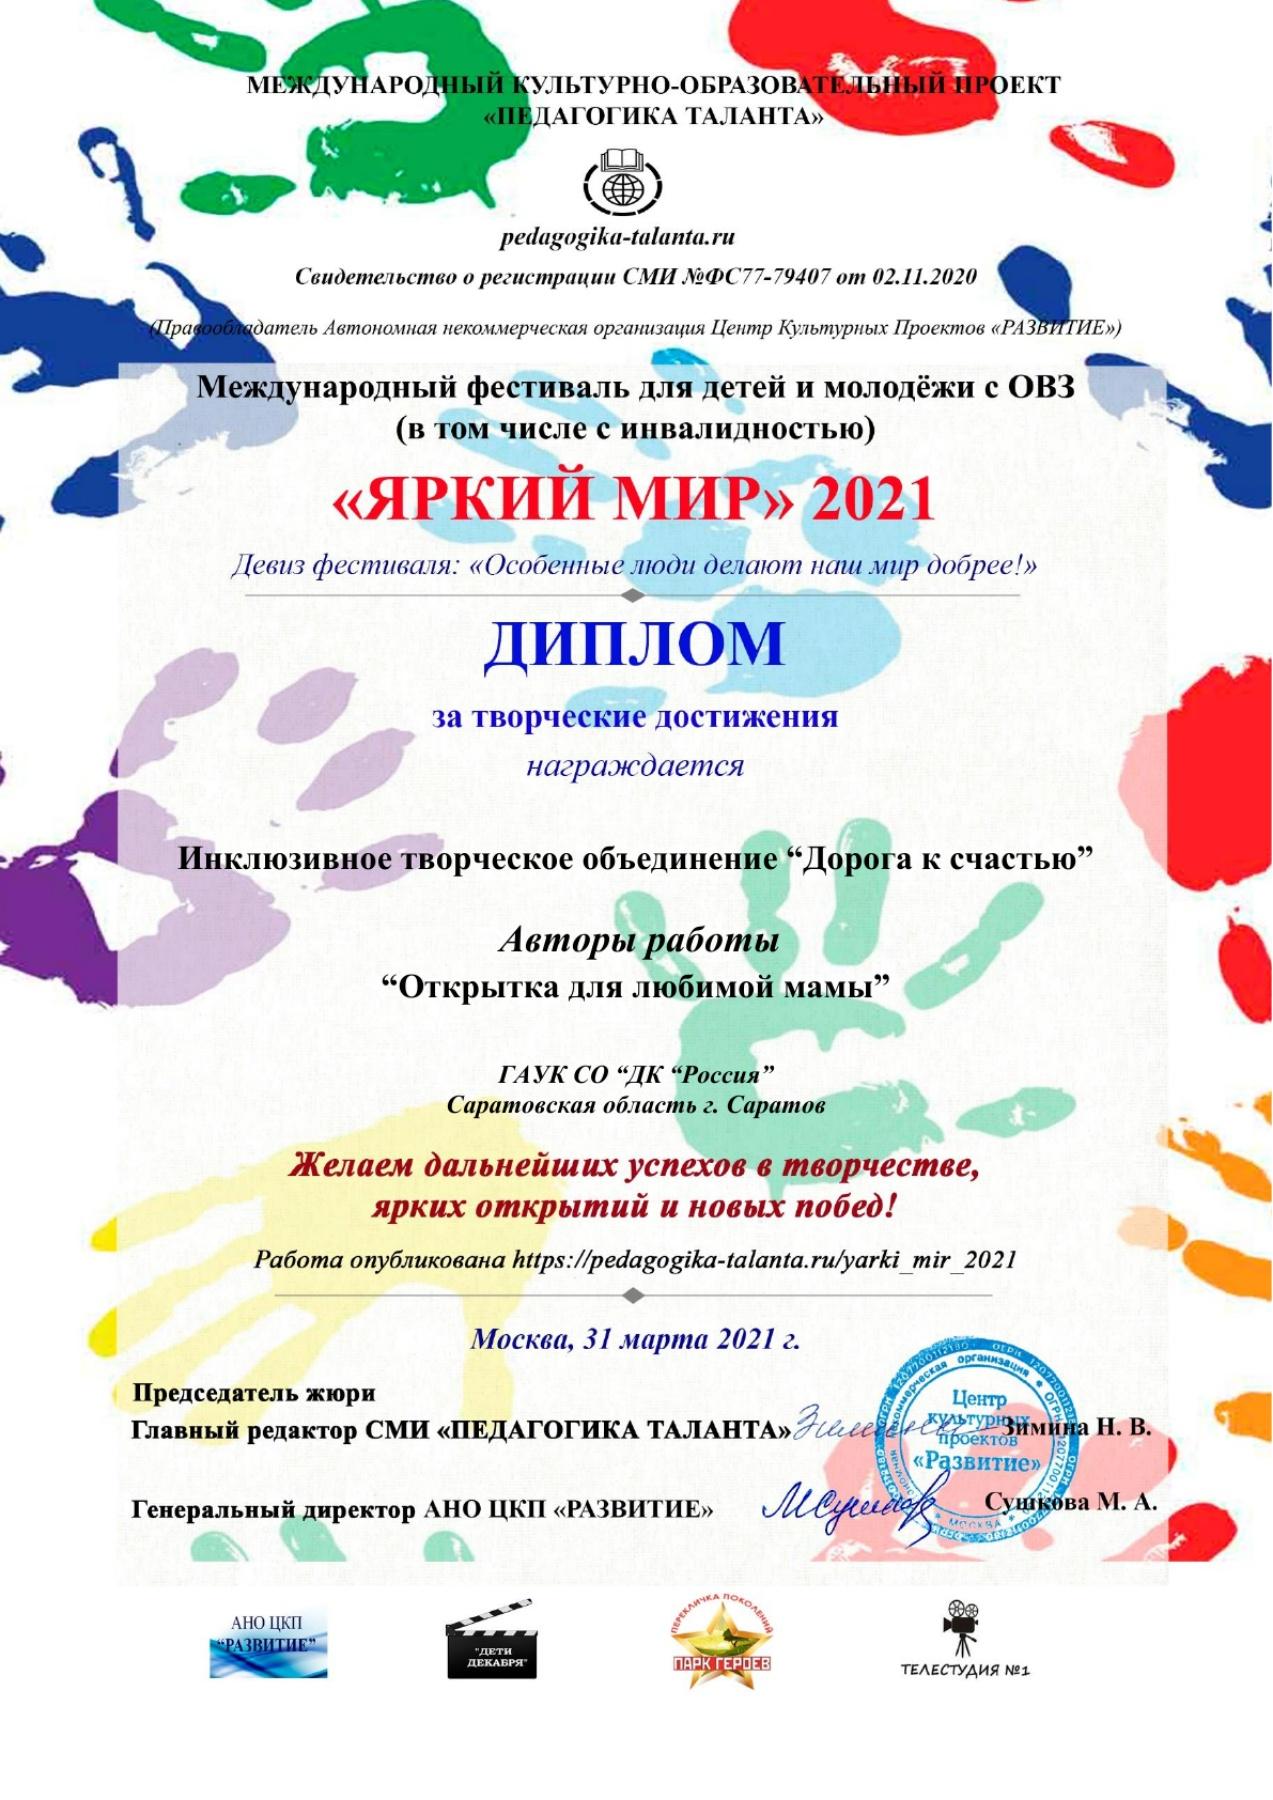 Ученики творческого объединения «Дорога к счастью» награждены дипломами международного фестиваля «Яркий мир»-2021